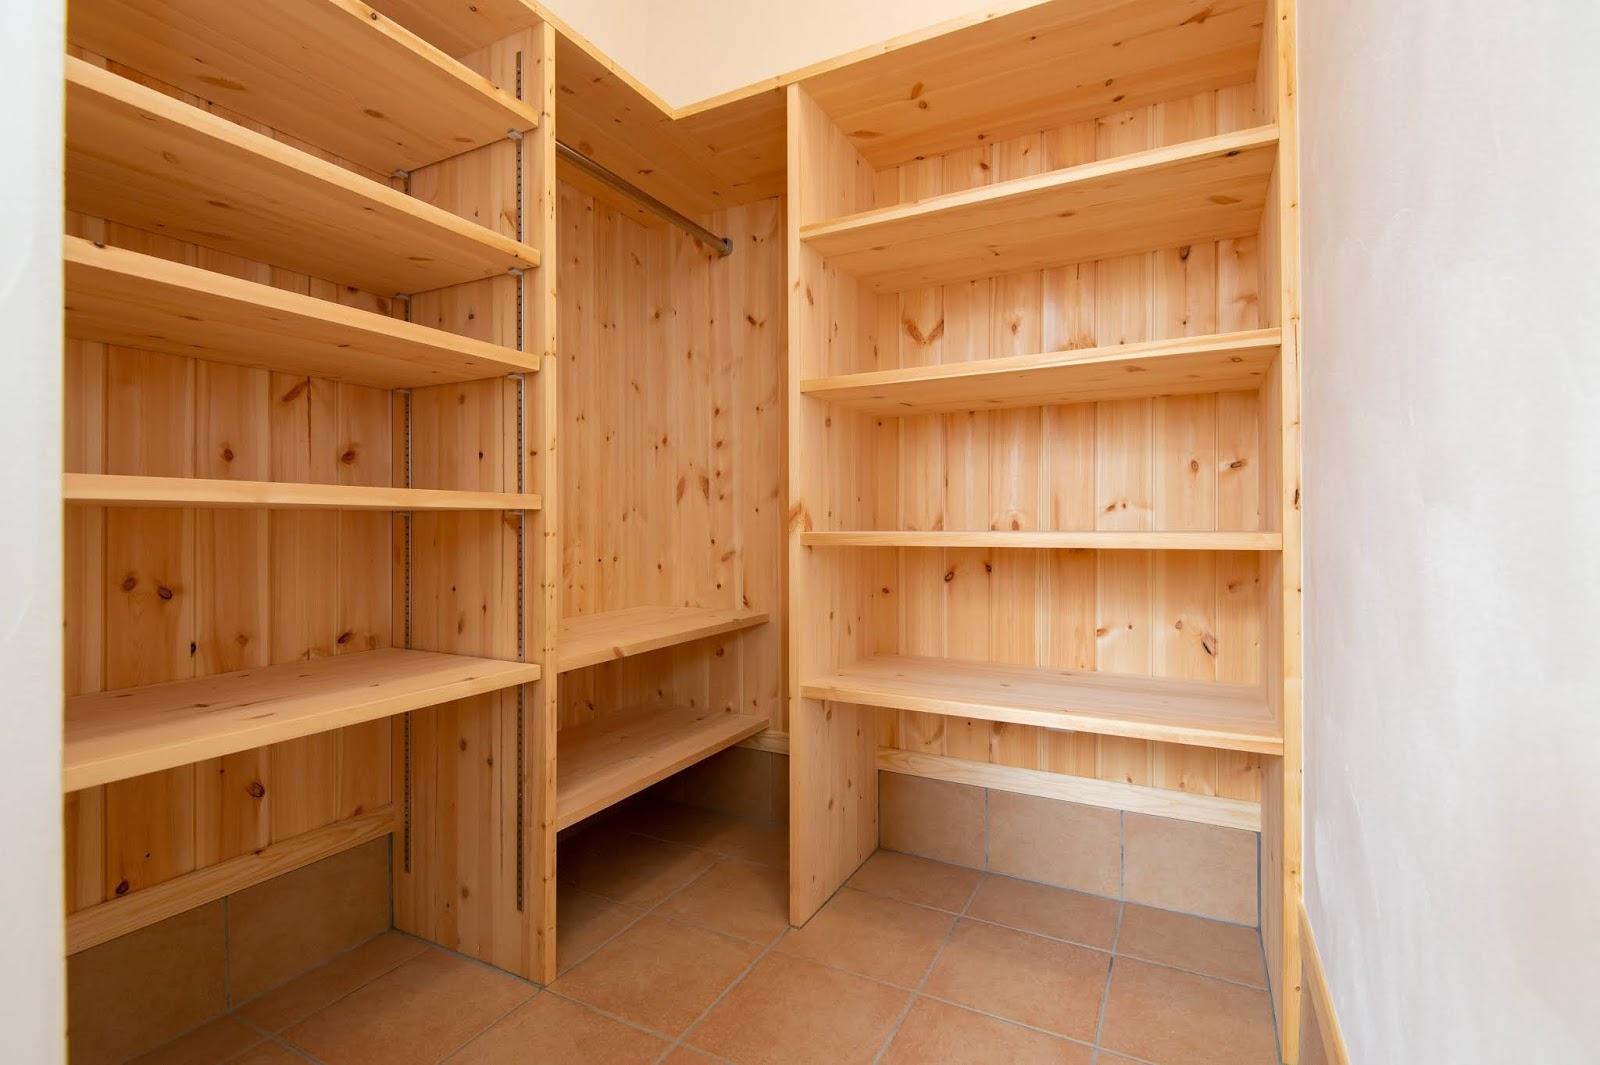 自然派住宅 木の家 自然素材の家 三重県鈴鹿市みのや 全館空調 注文住宅